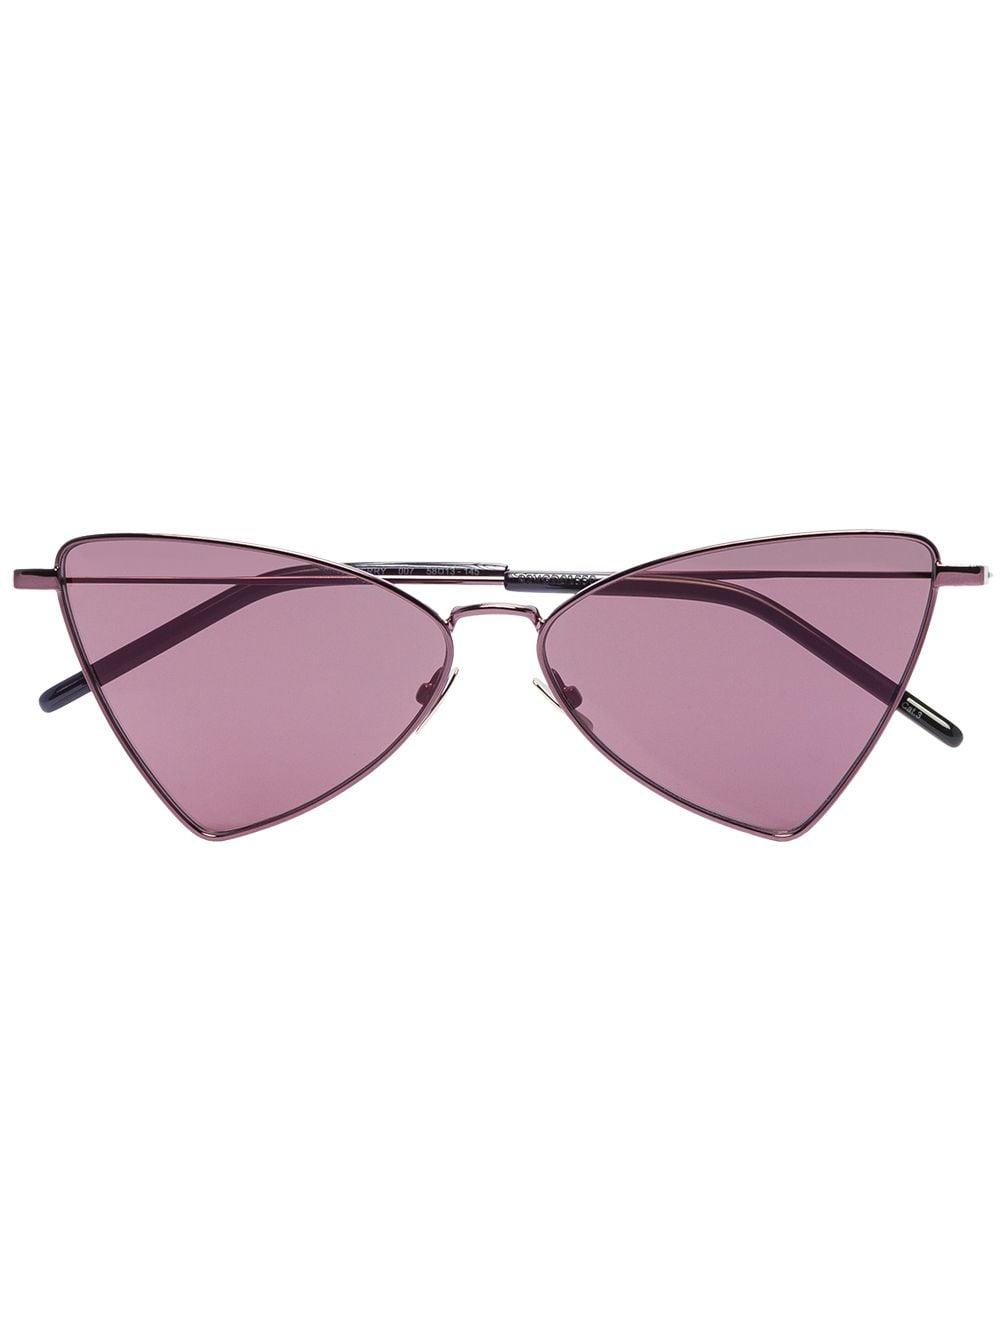 Saint Laurent Eyewear Eckige 'Jerry' Sonnenbrille - Schwarz